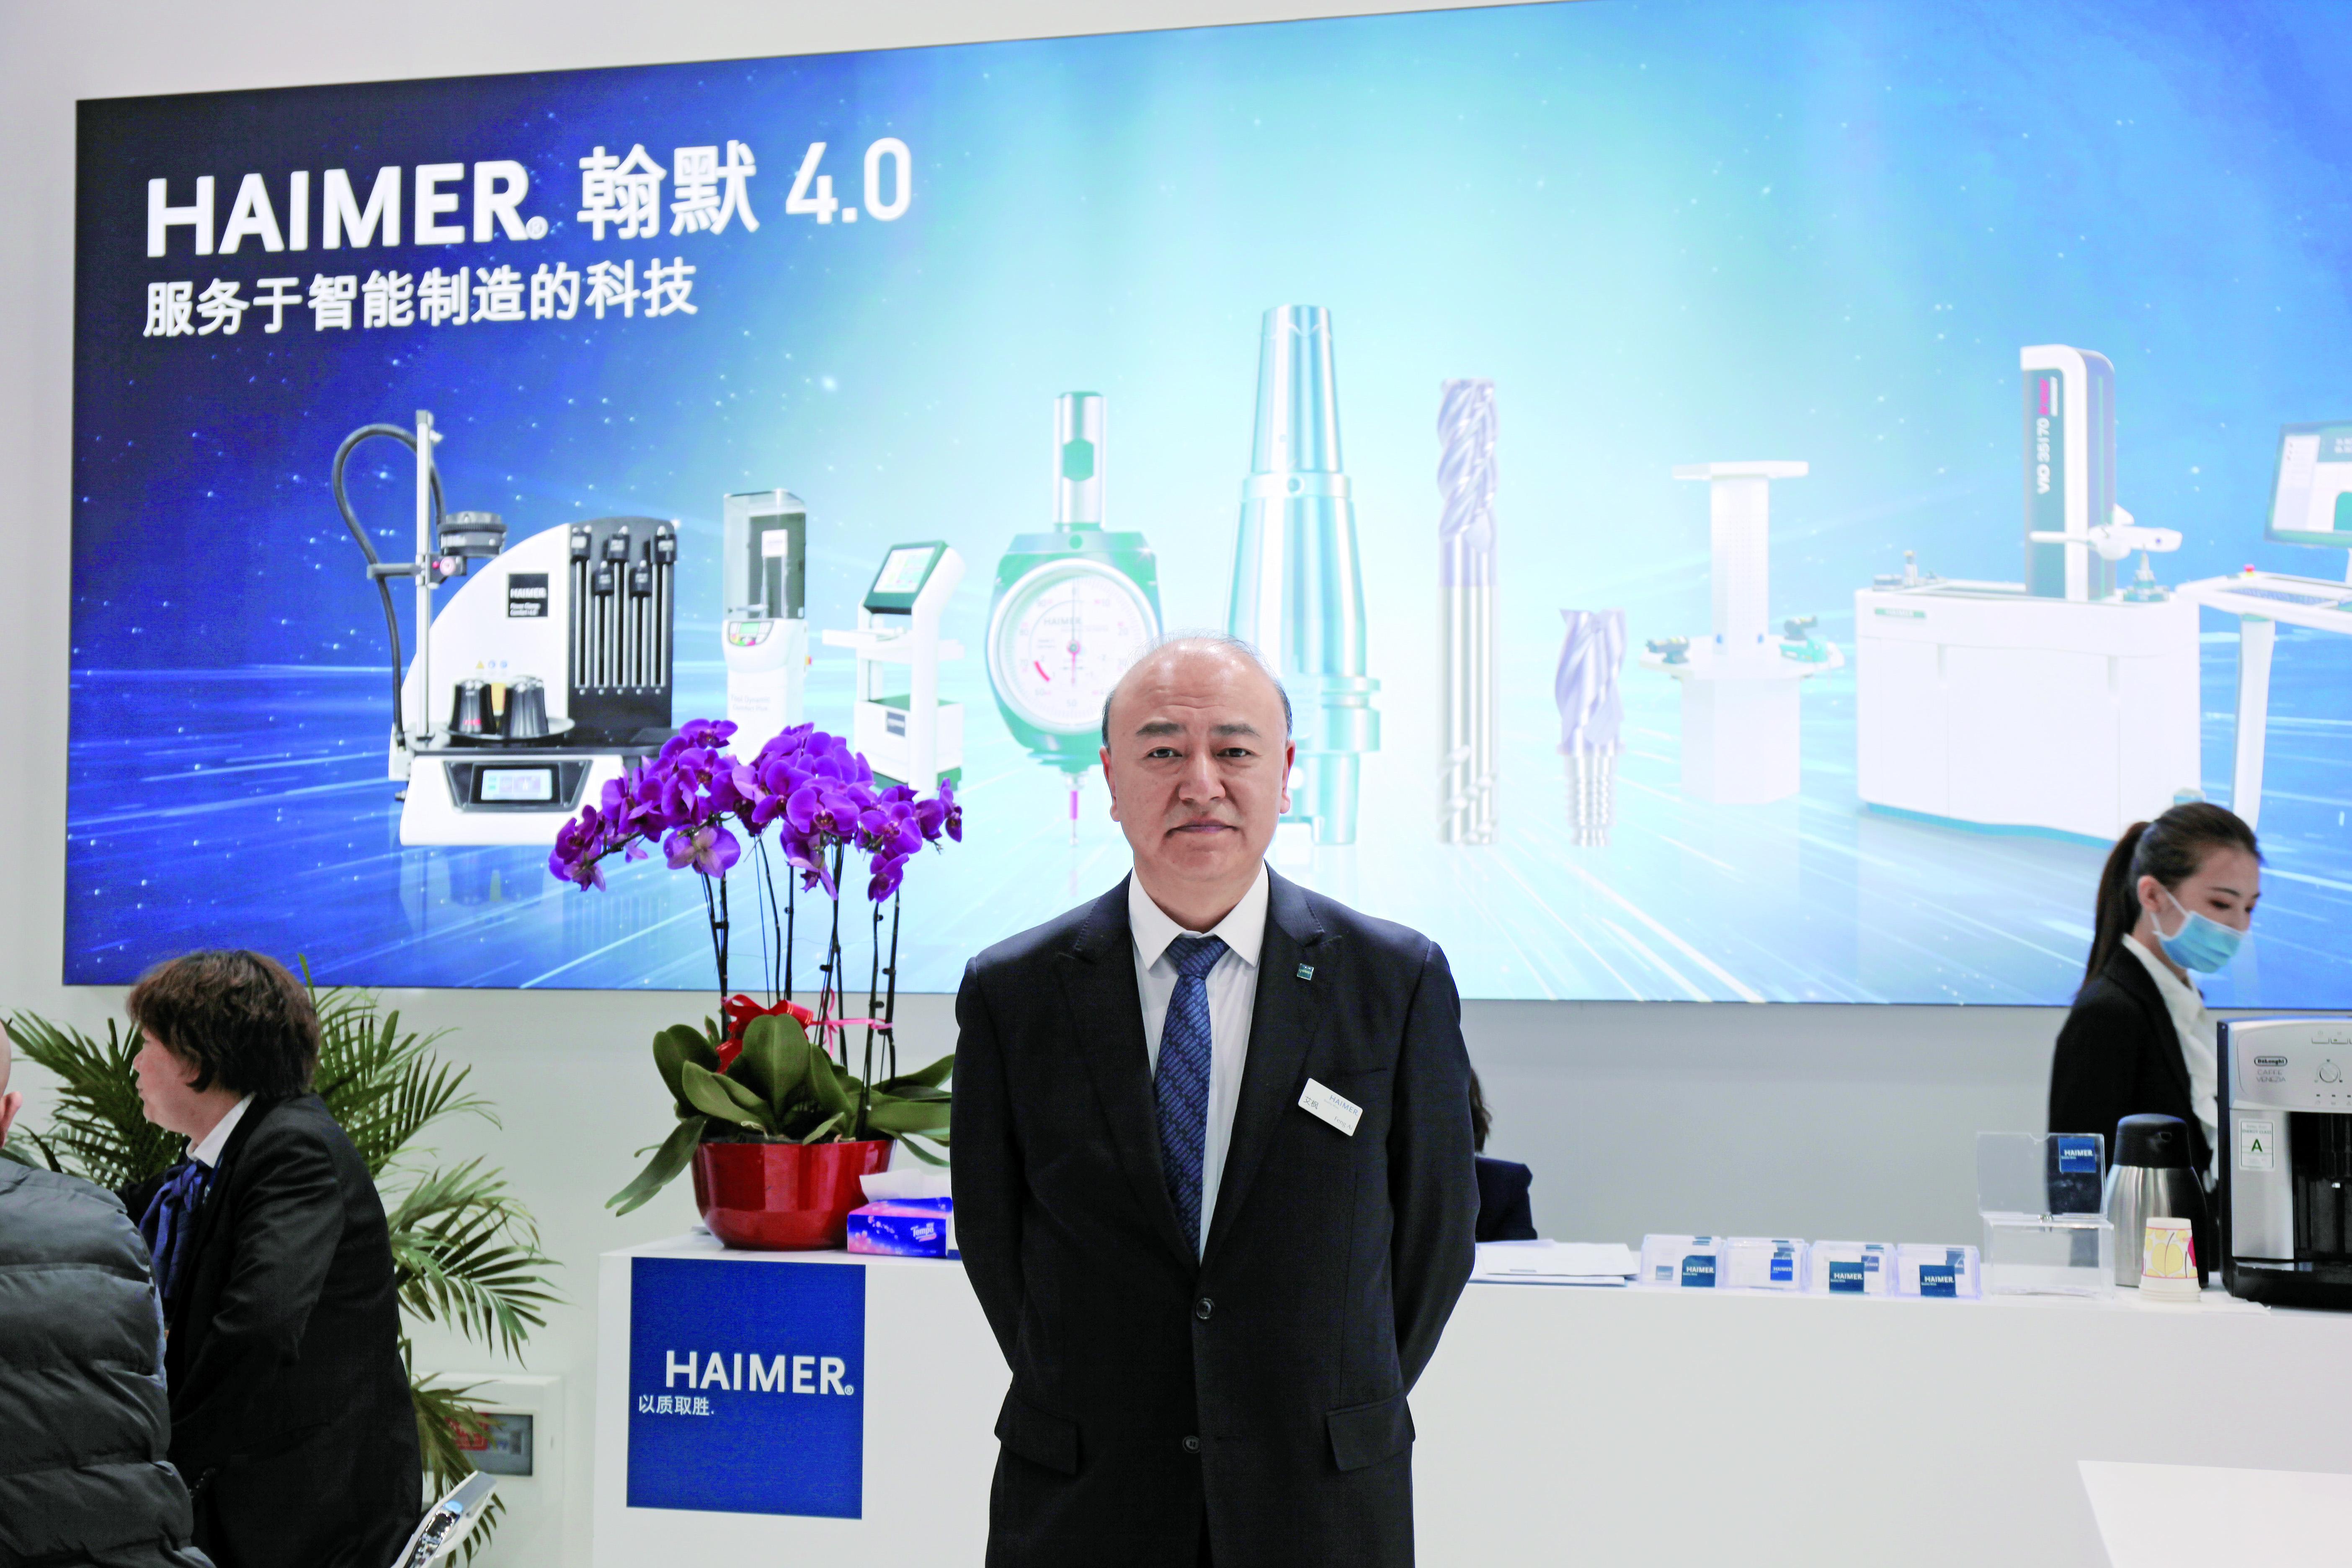 翰默(上海)贸易有限责任公司总经理艾枫先生